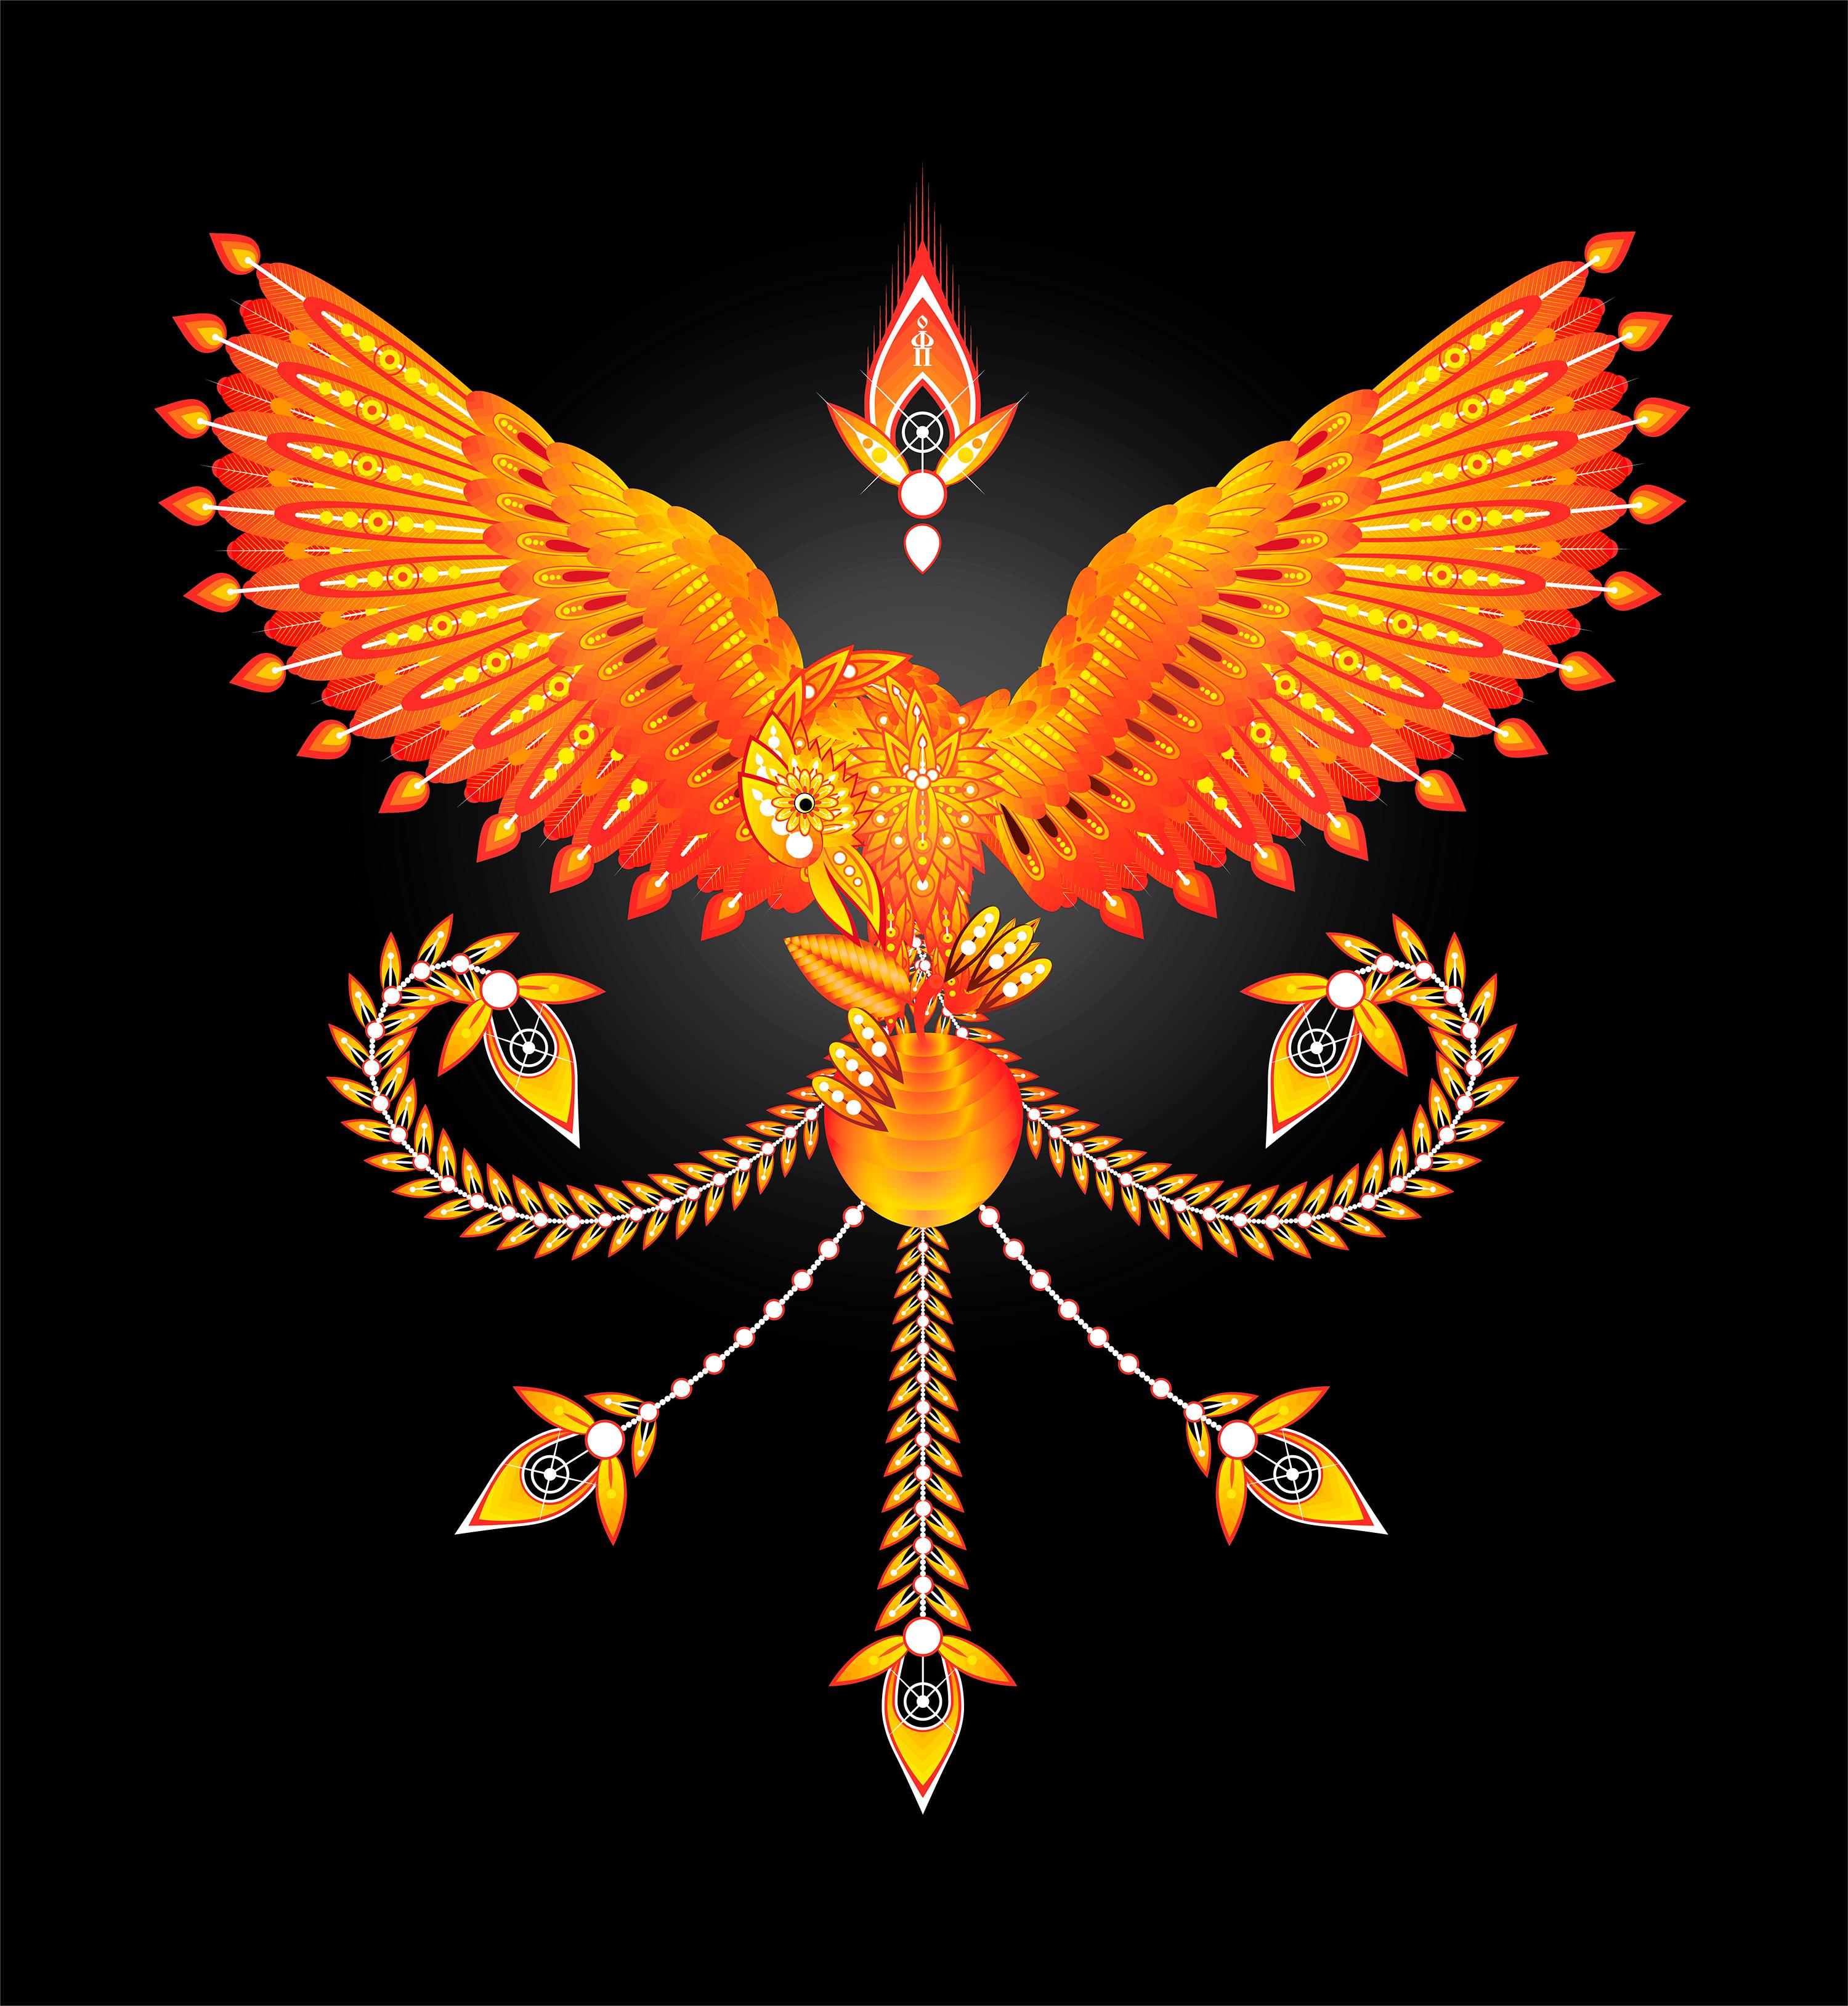 Firebird (Heat bird)